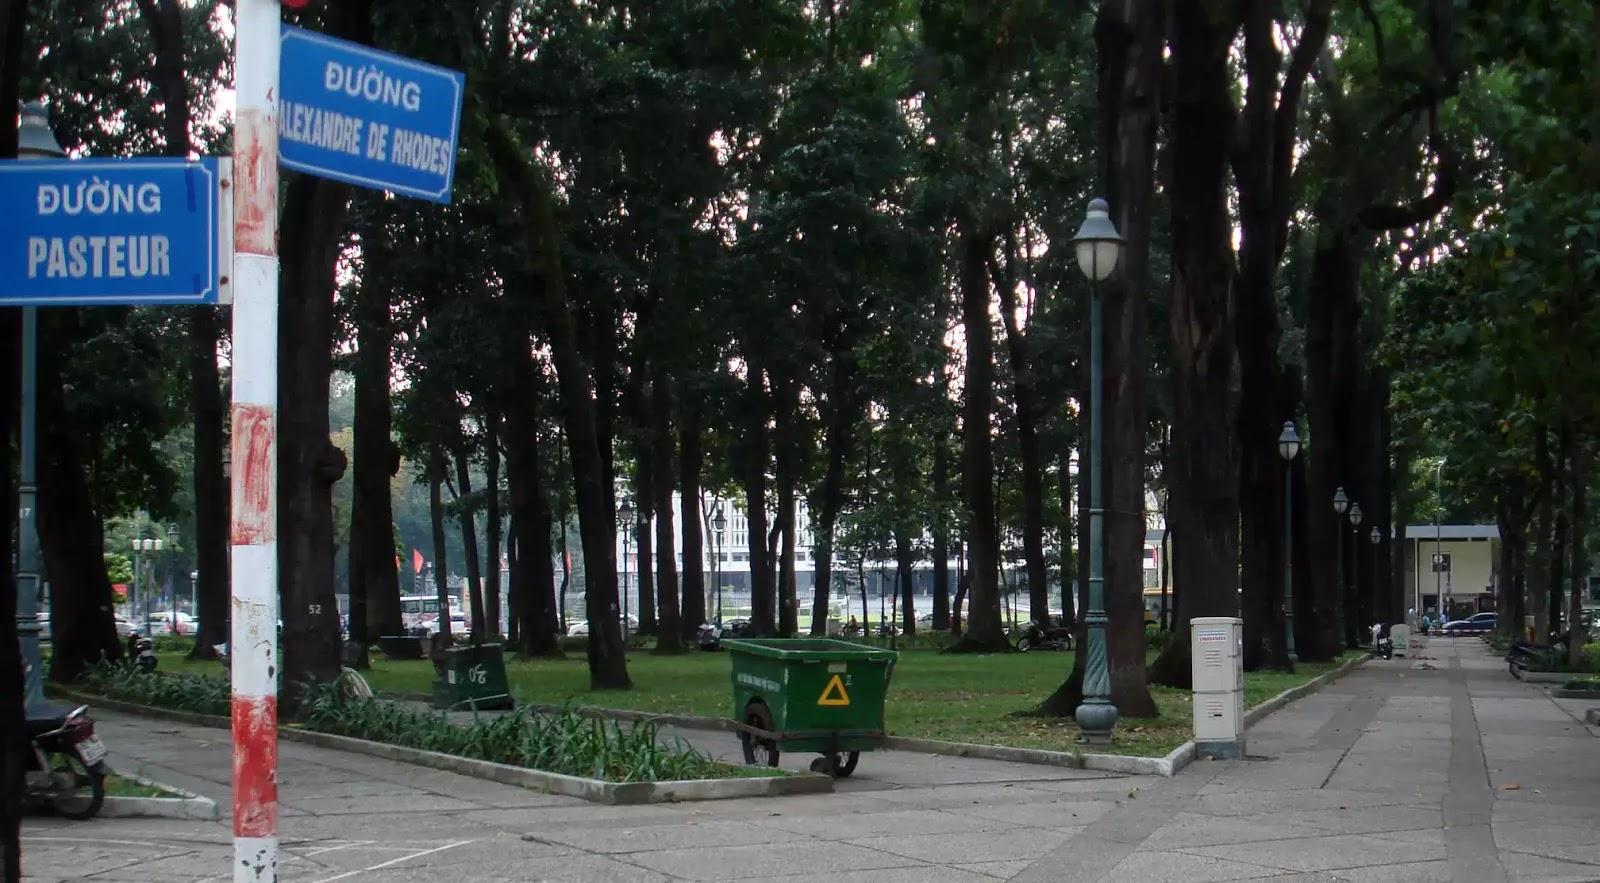 Đường Alexandre de Rhodes - Ảnh: C.M.C.